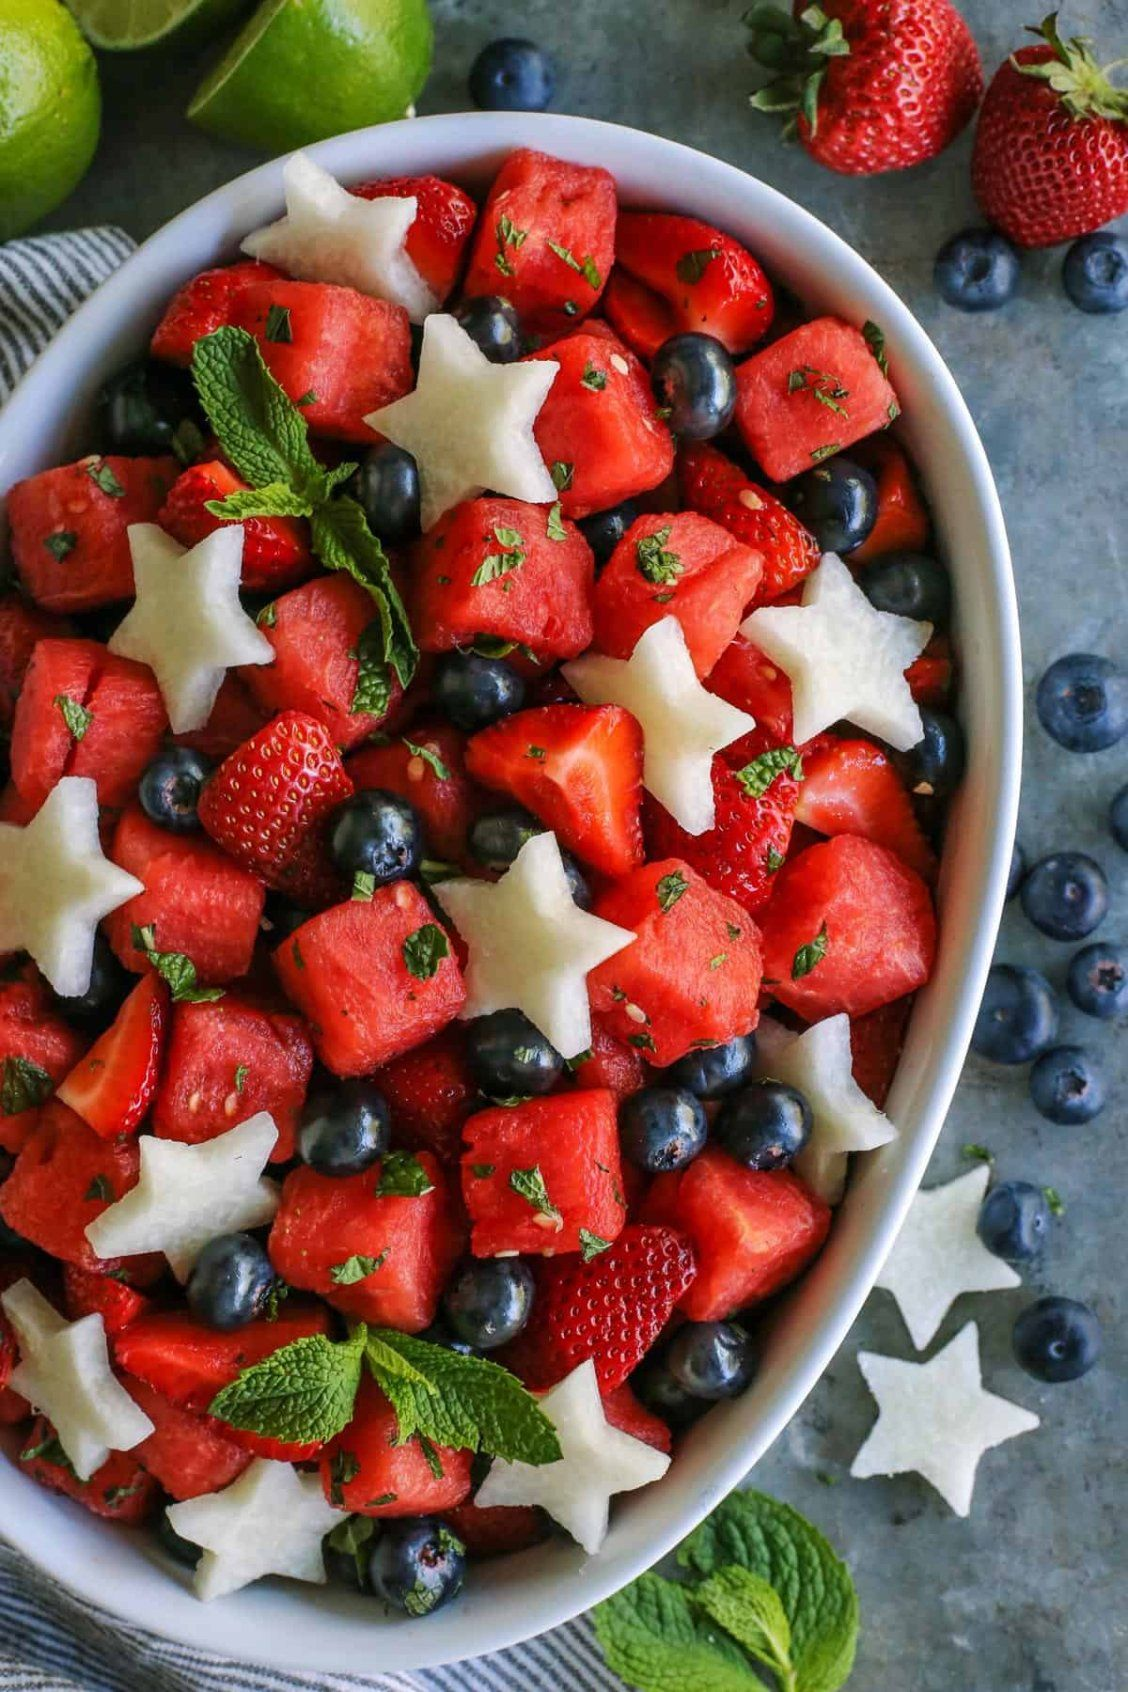 Mojito Fruit Salad Recipe With Watermelon Strawberries Blueberries Recipe Fruit Salad Recipes Watermelon Recipes Fruit Recipes